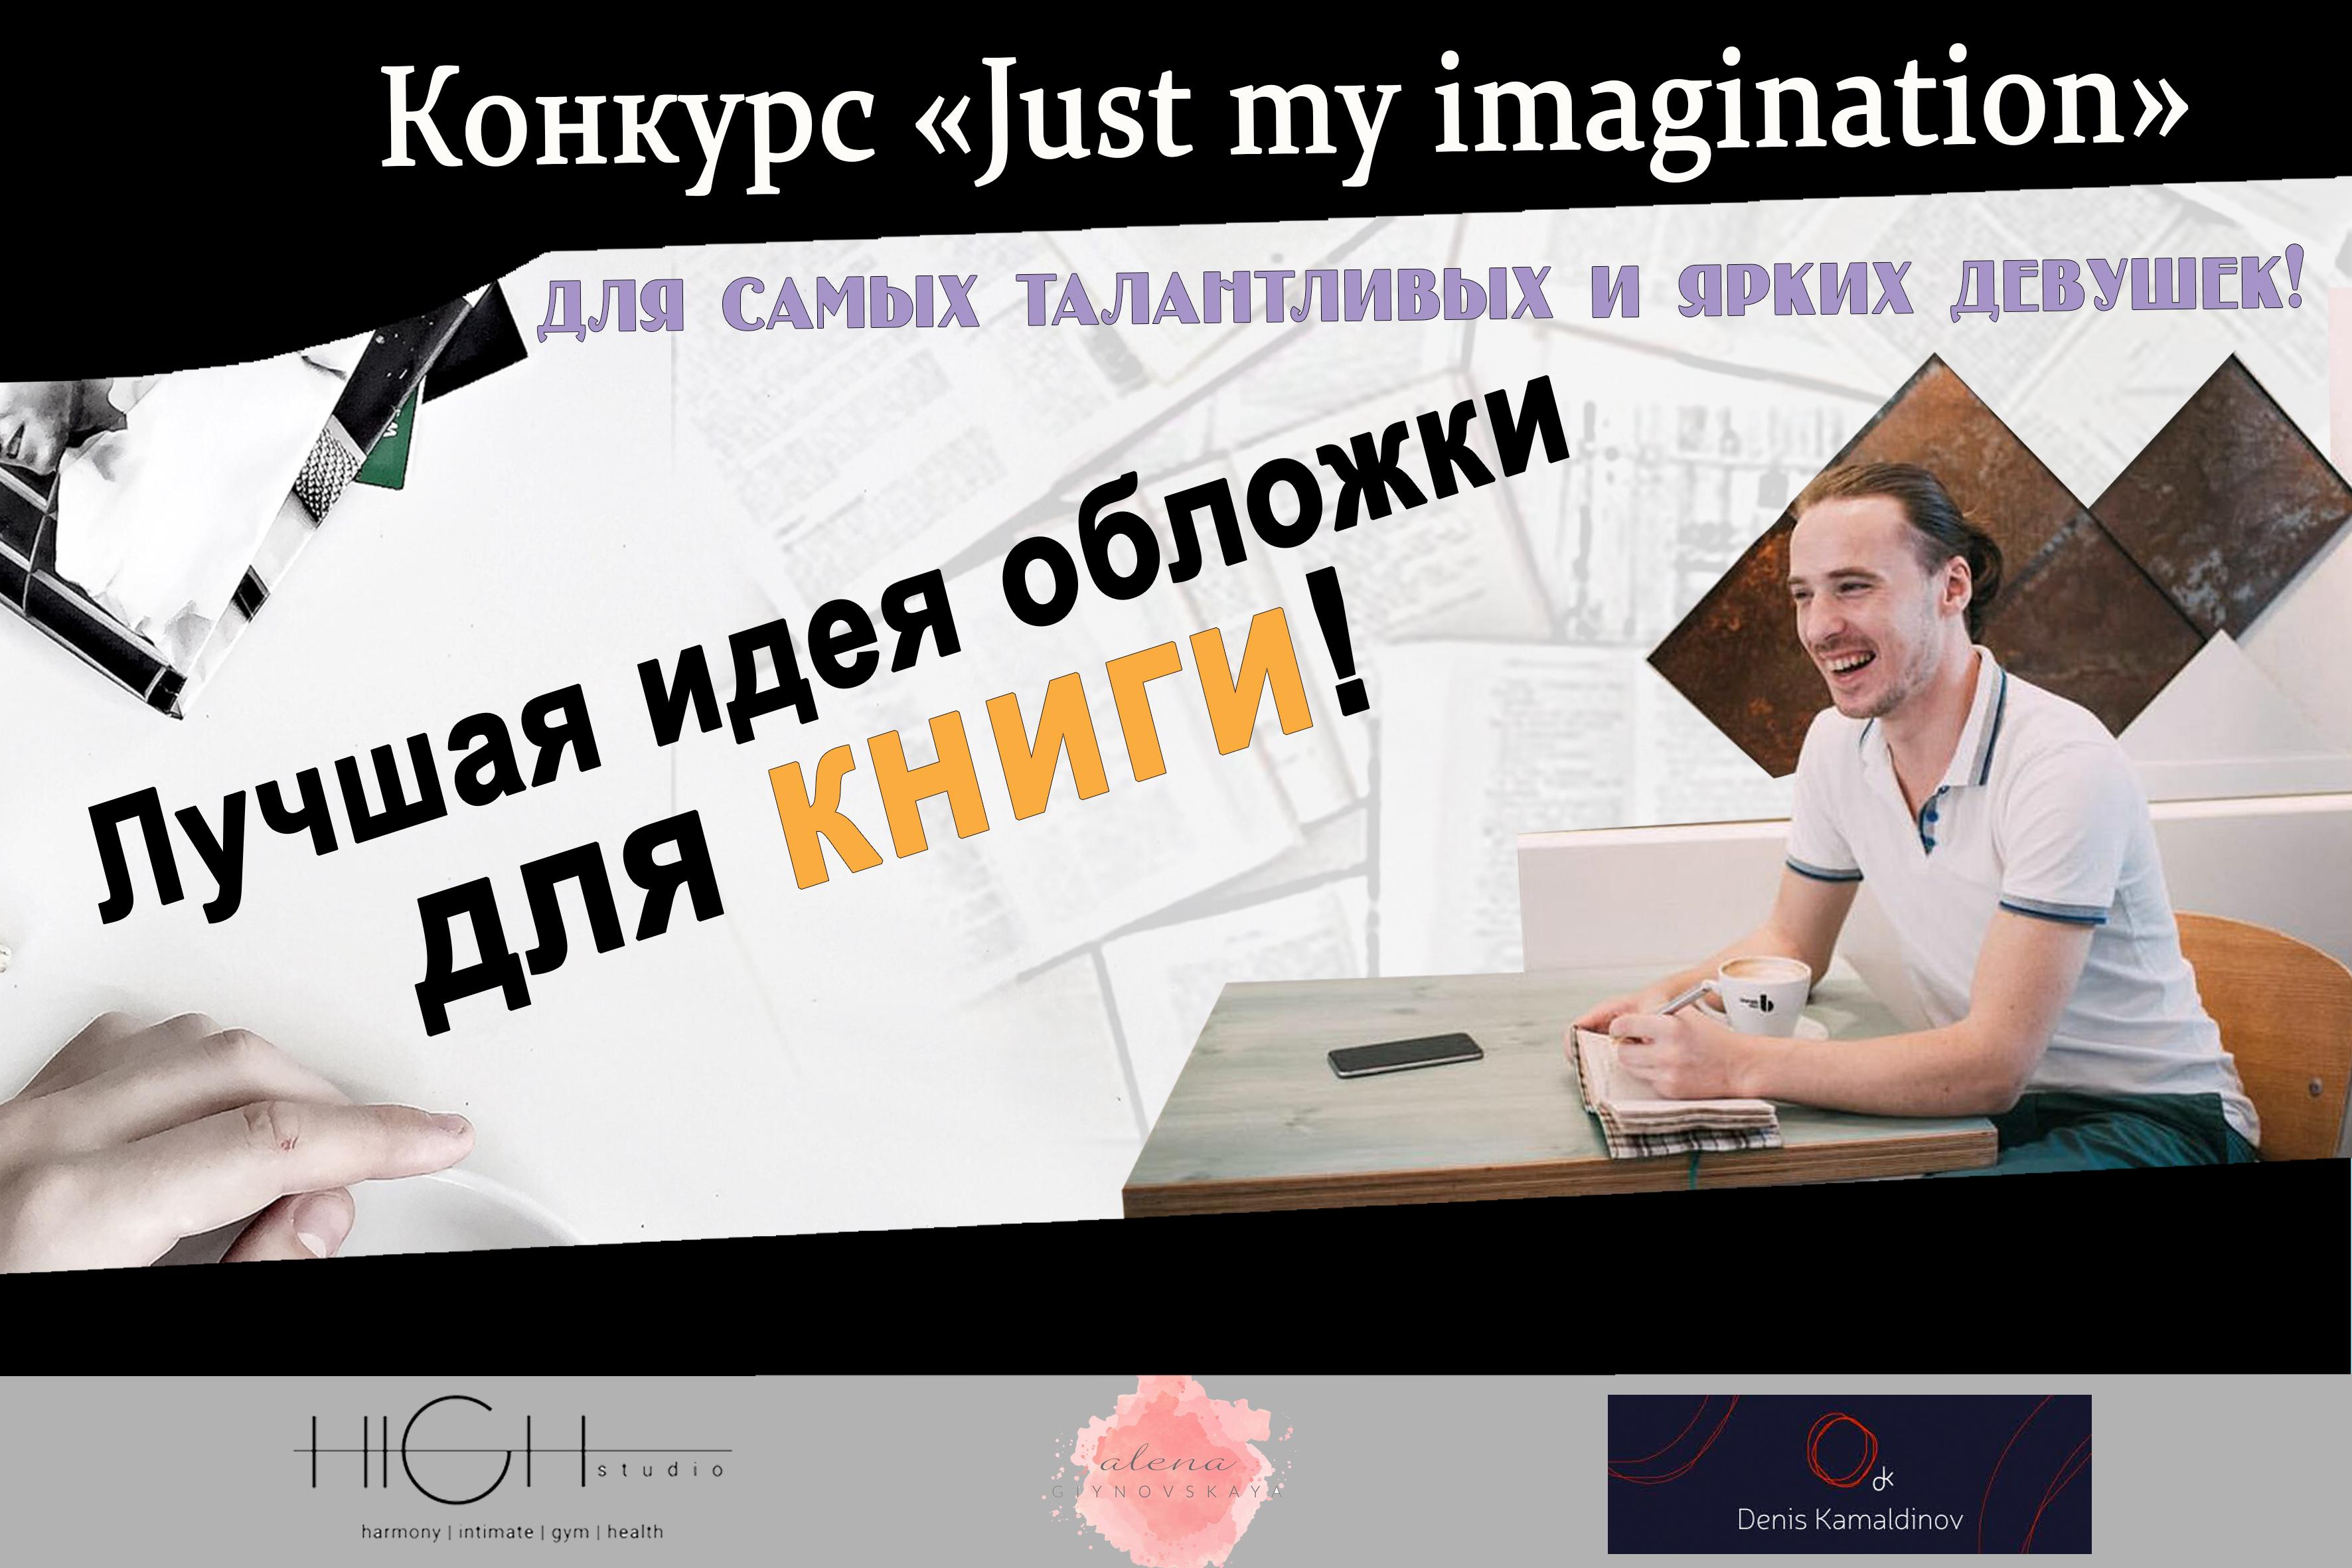 Внимание! Конкурс «Just my imagination» – для самых талантливых и ярких девушек!